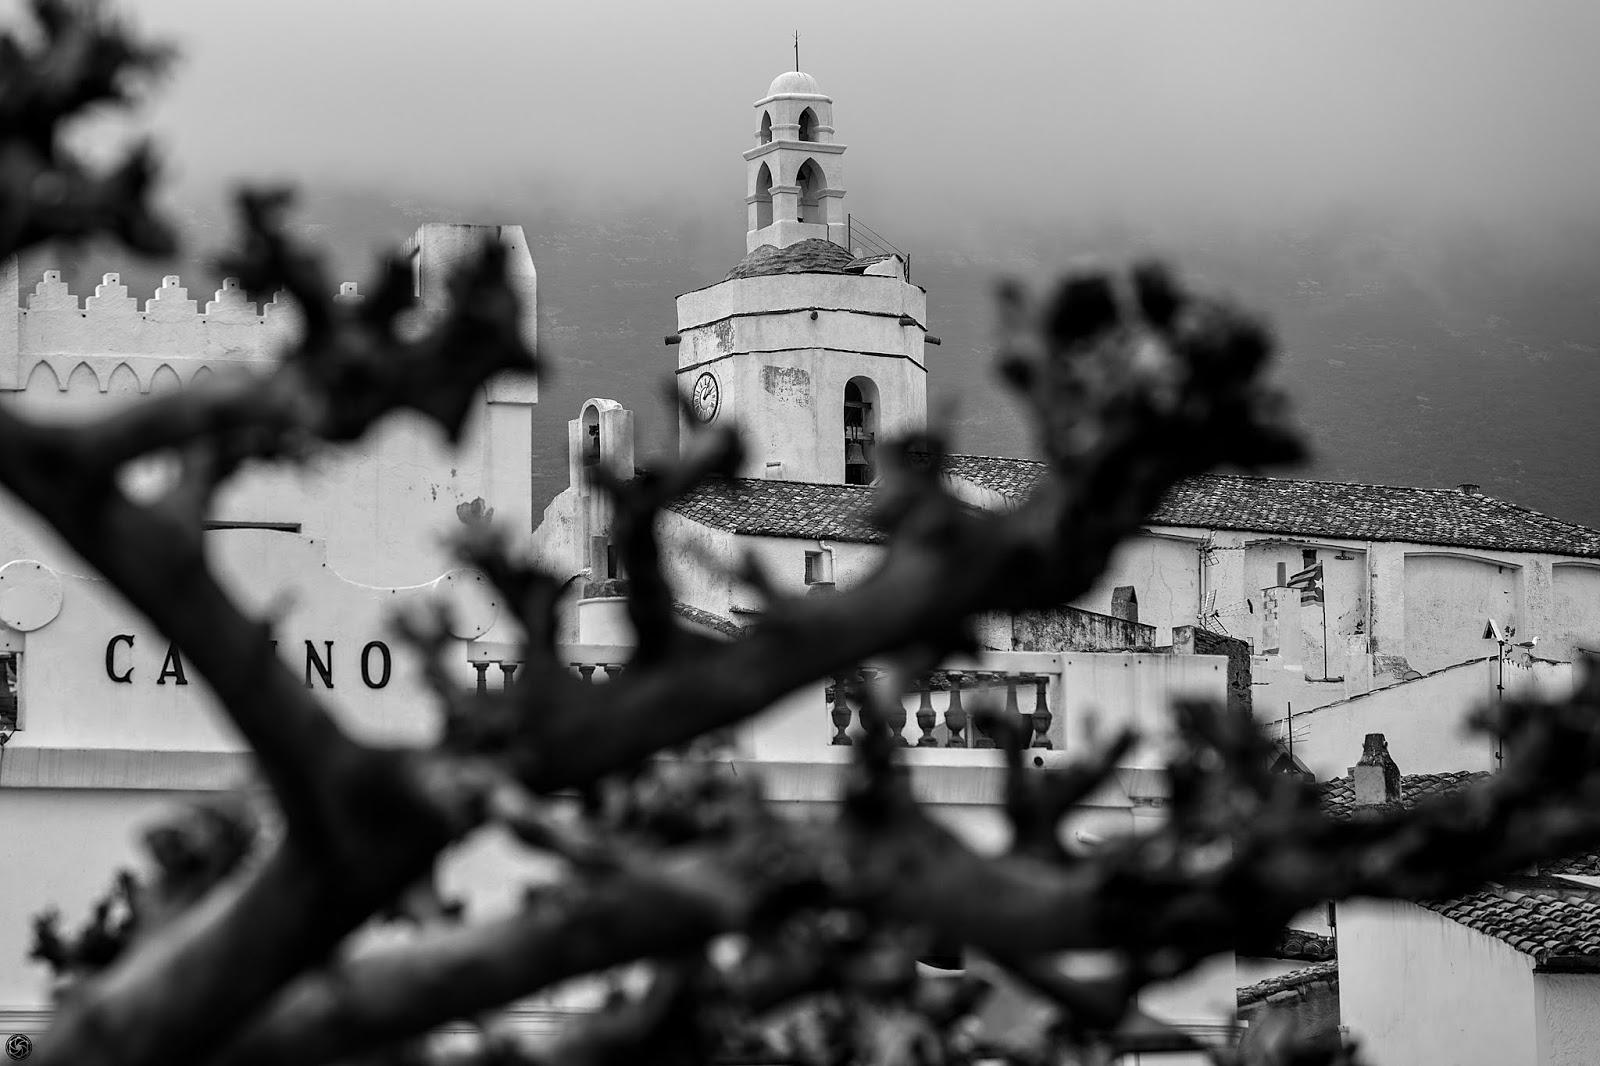 Campanario de la iglesia, detrás del casino, detrás del árbol :: Canon EOS 5D MkIII | ISO200 | Canon 70-200 @200mm | f/7.1 | 1/200s